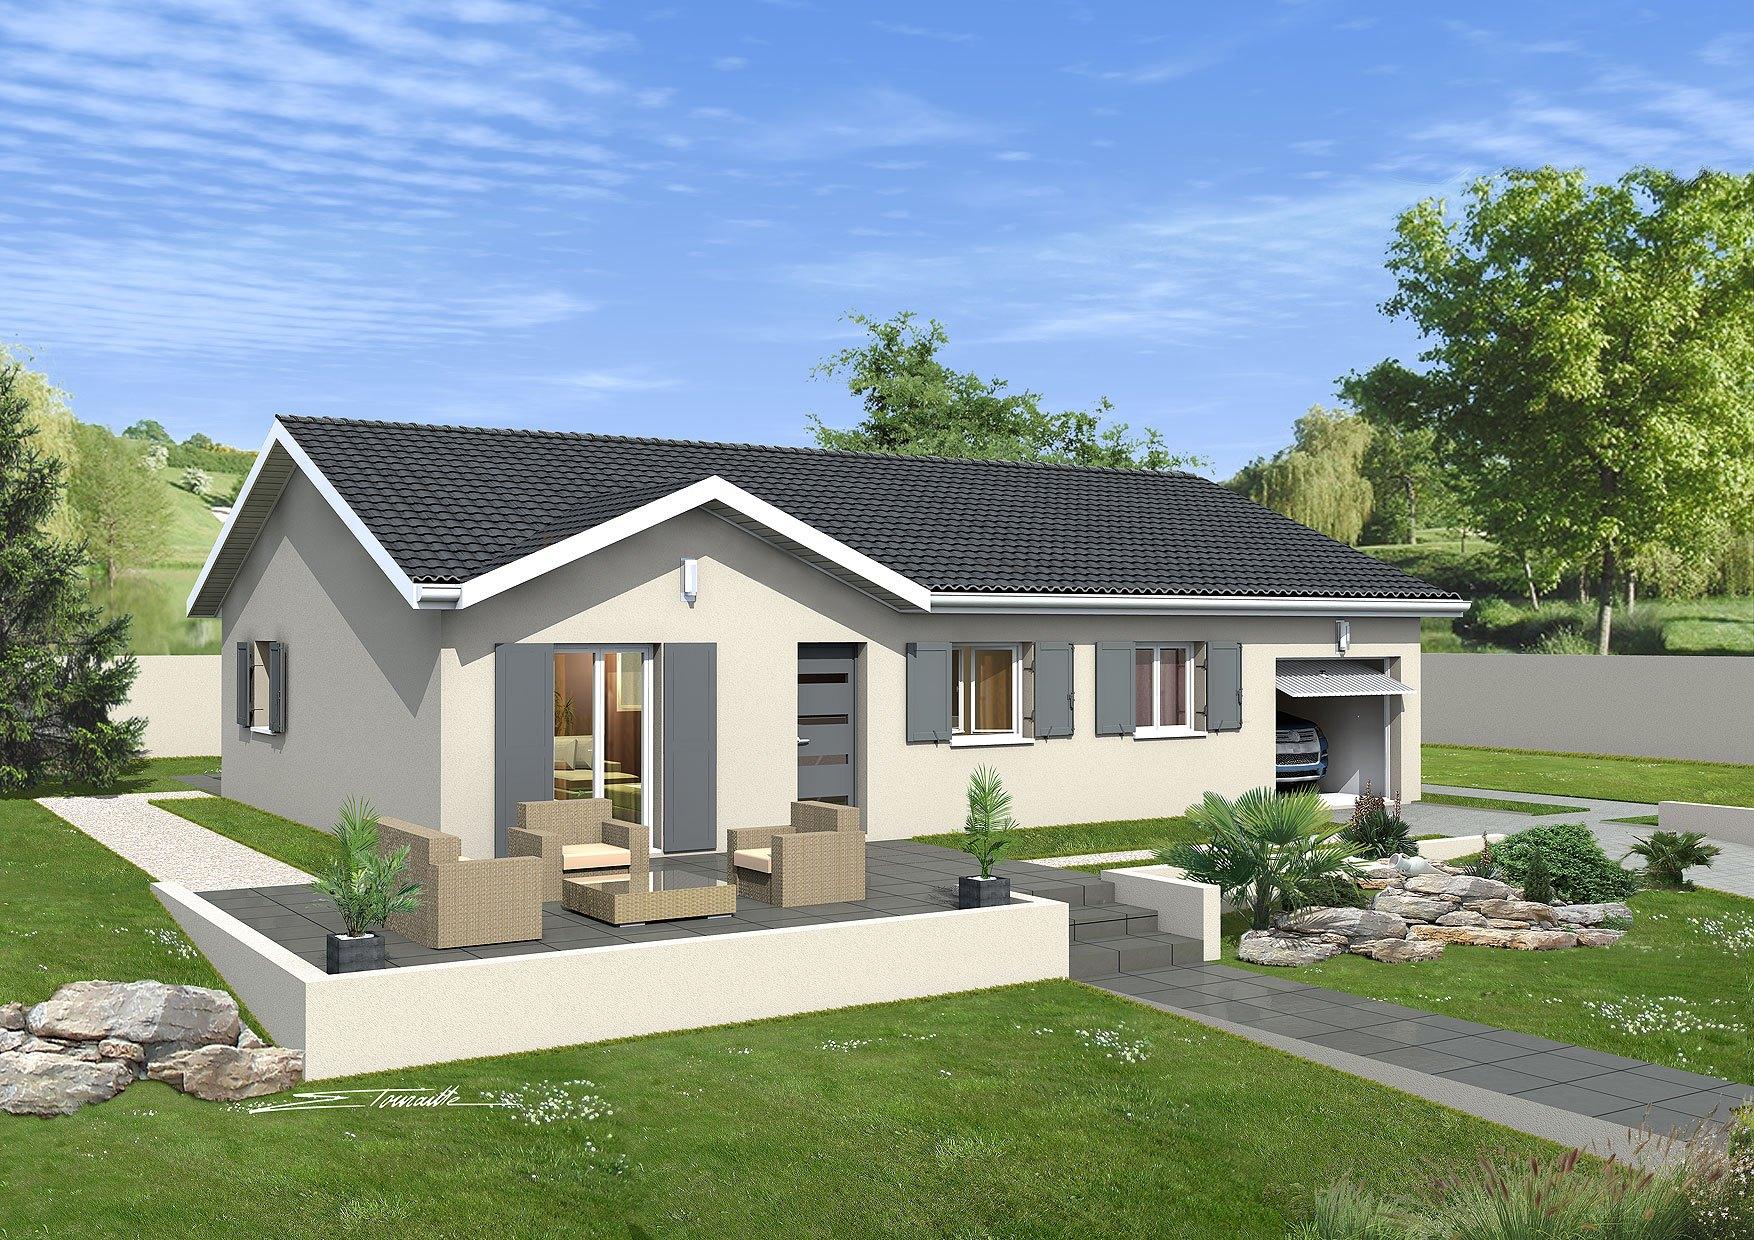 Maisons + Terrains du constructeur MAISONS PUNCH BOURGOIN • 89 m² • SAINTE BLANDINE